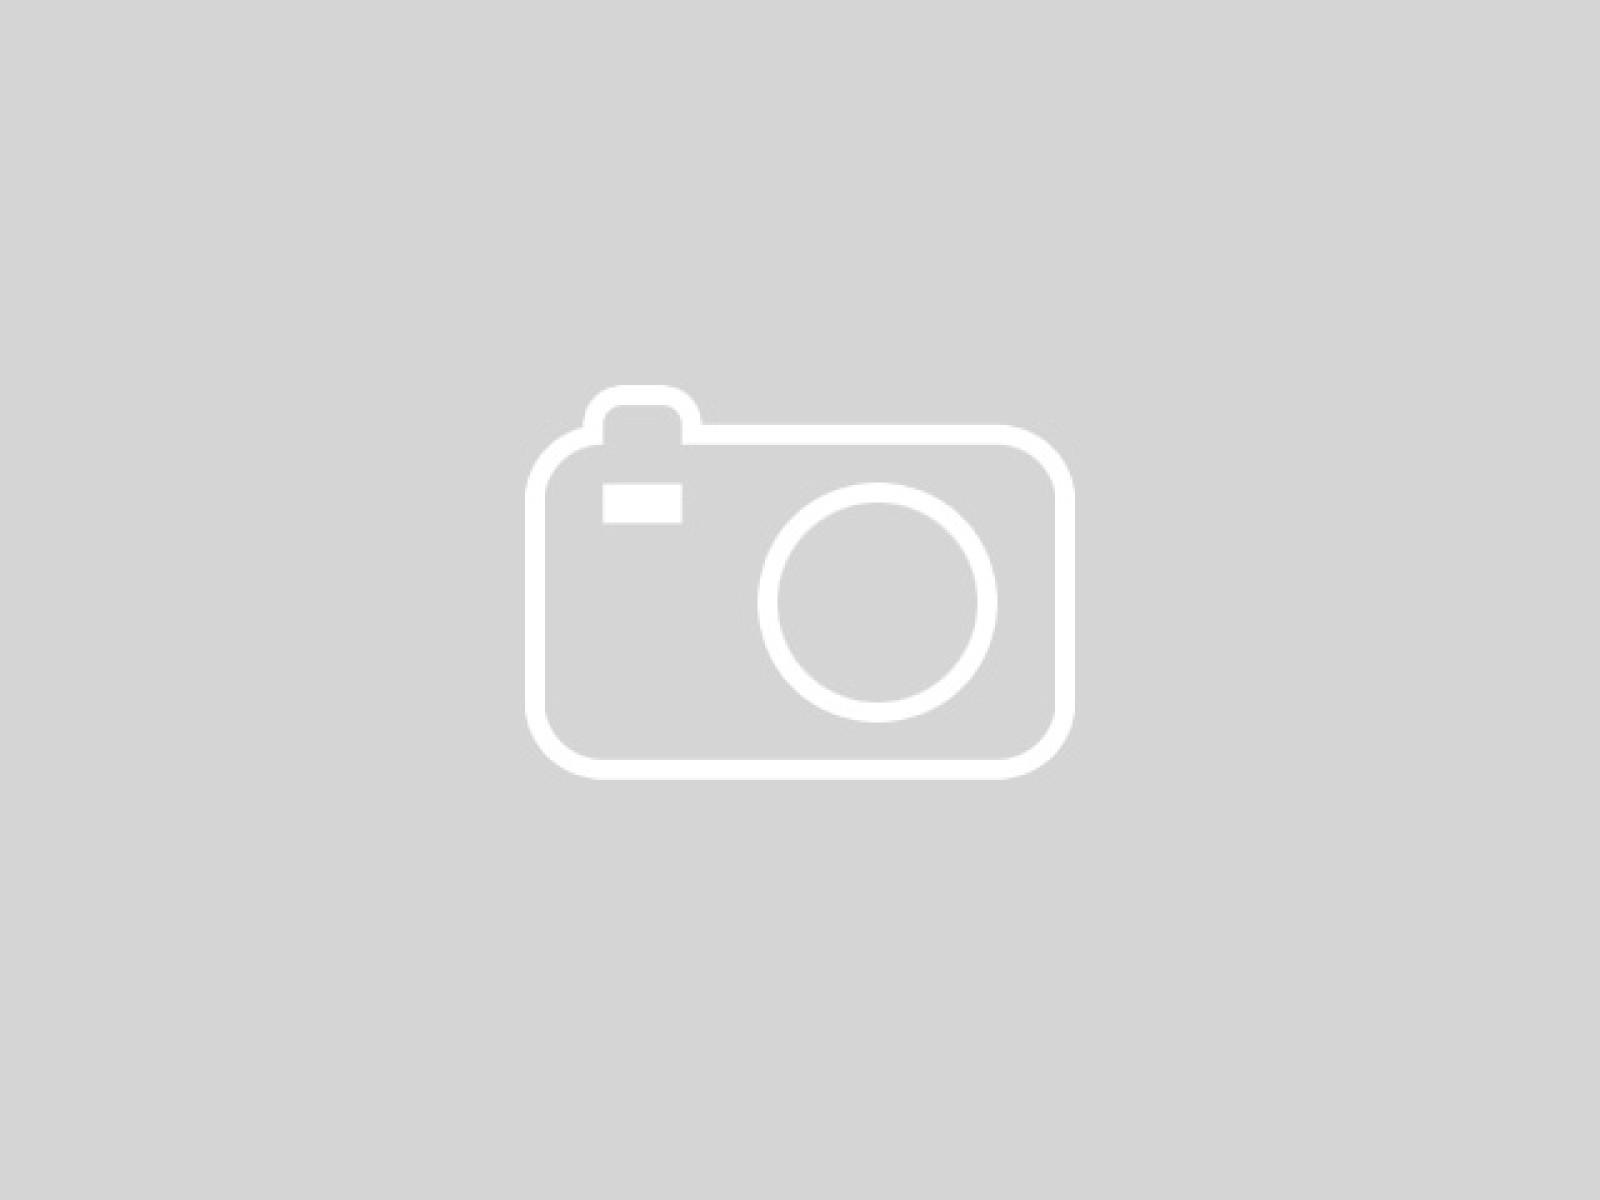 2020 Hyundai Sonata Luxury